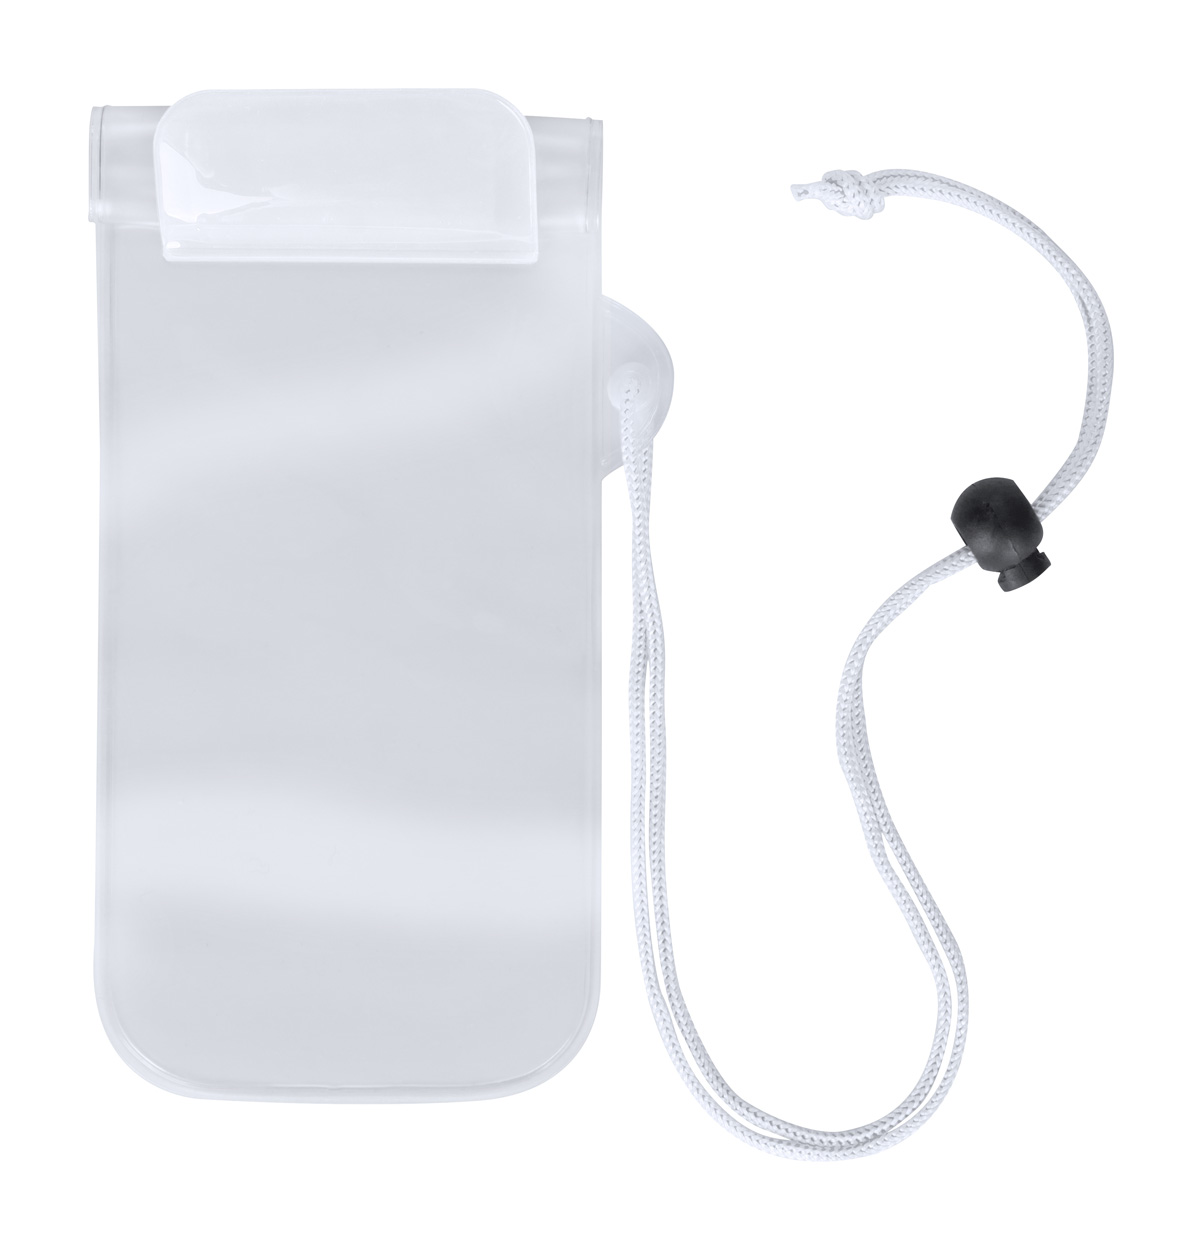 Waterpro waterproof mobile case